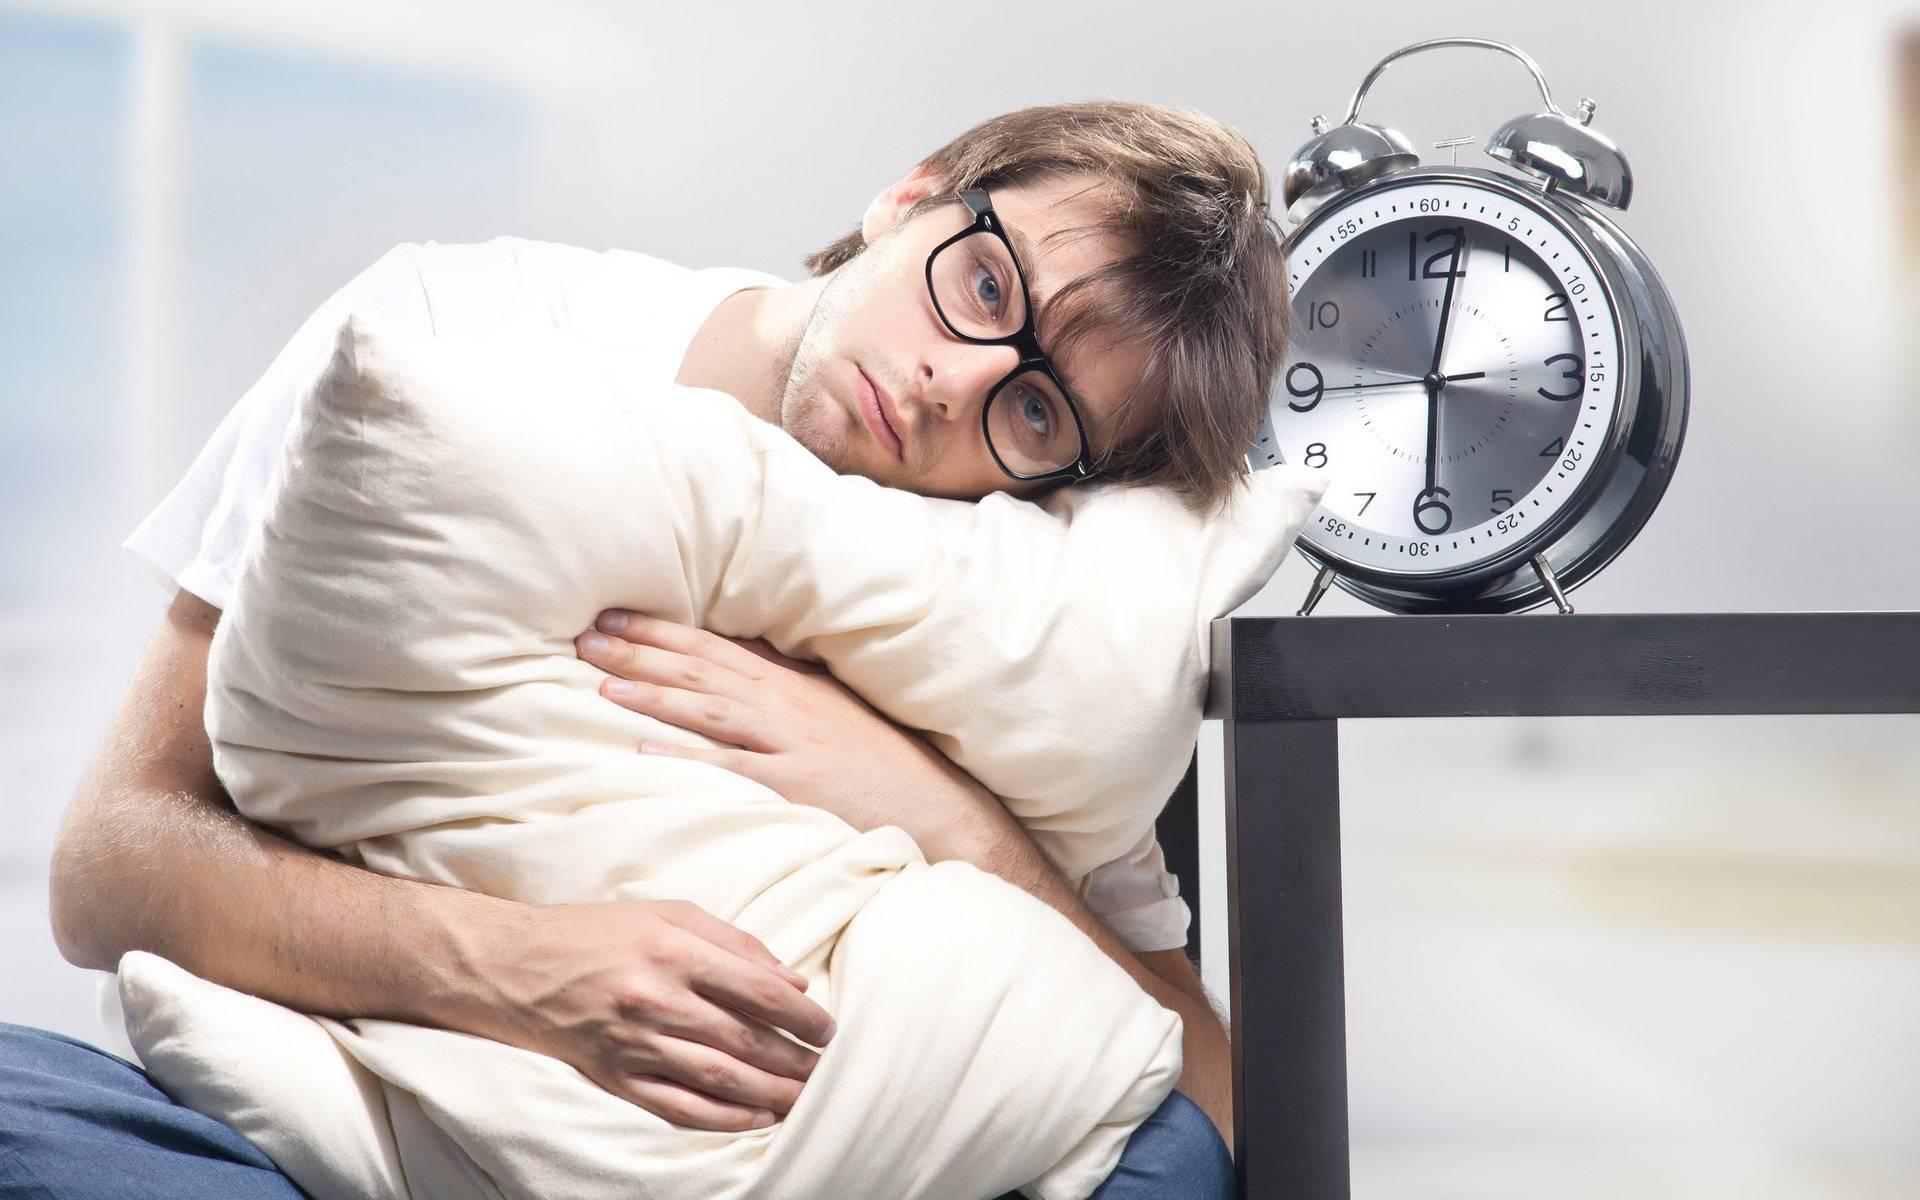 7 اشتباه هنگام بیدار شدن که موجب خستگیتان تا قبل از زمان ناهار میشود